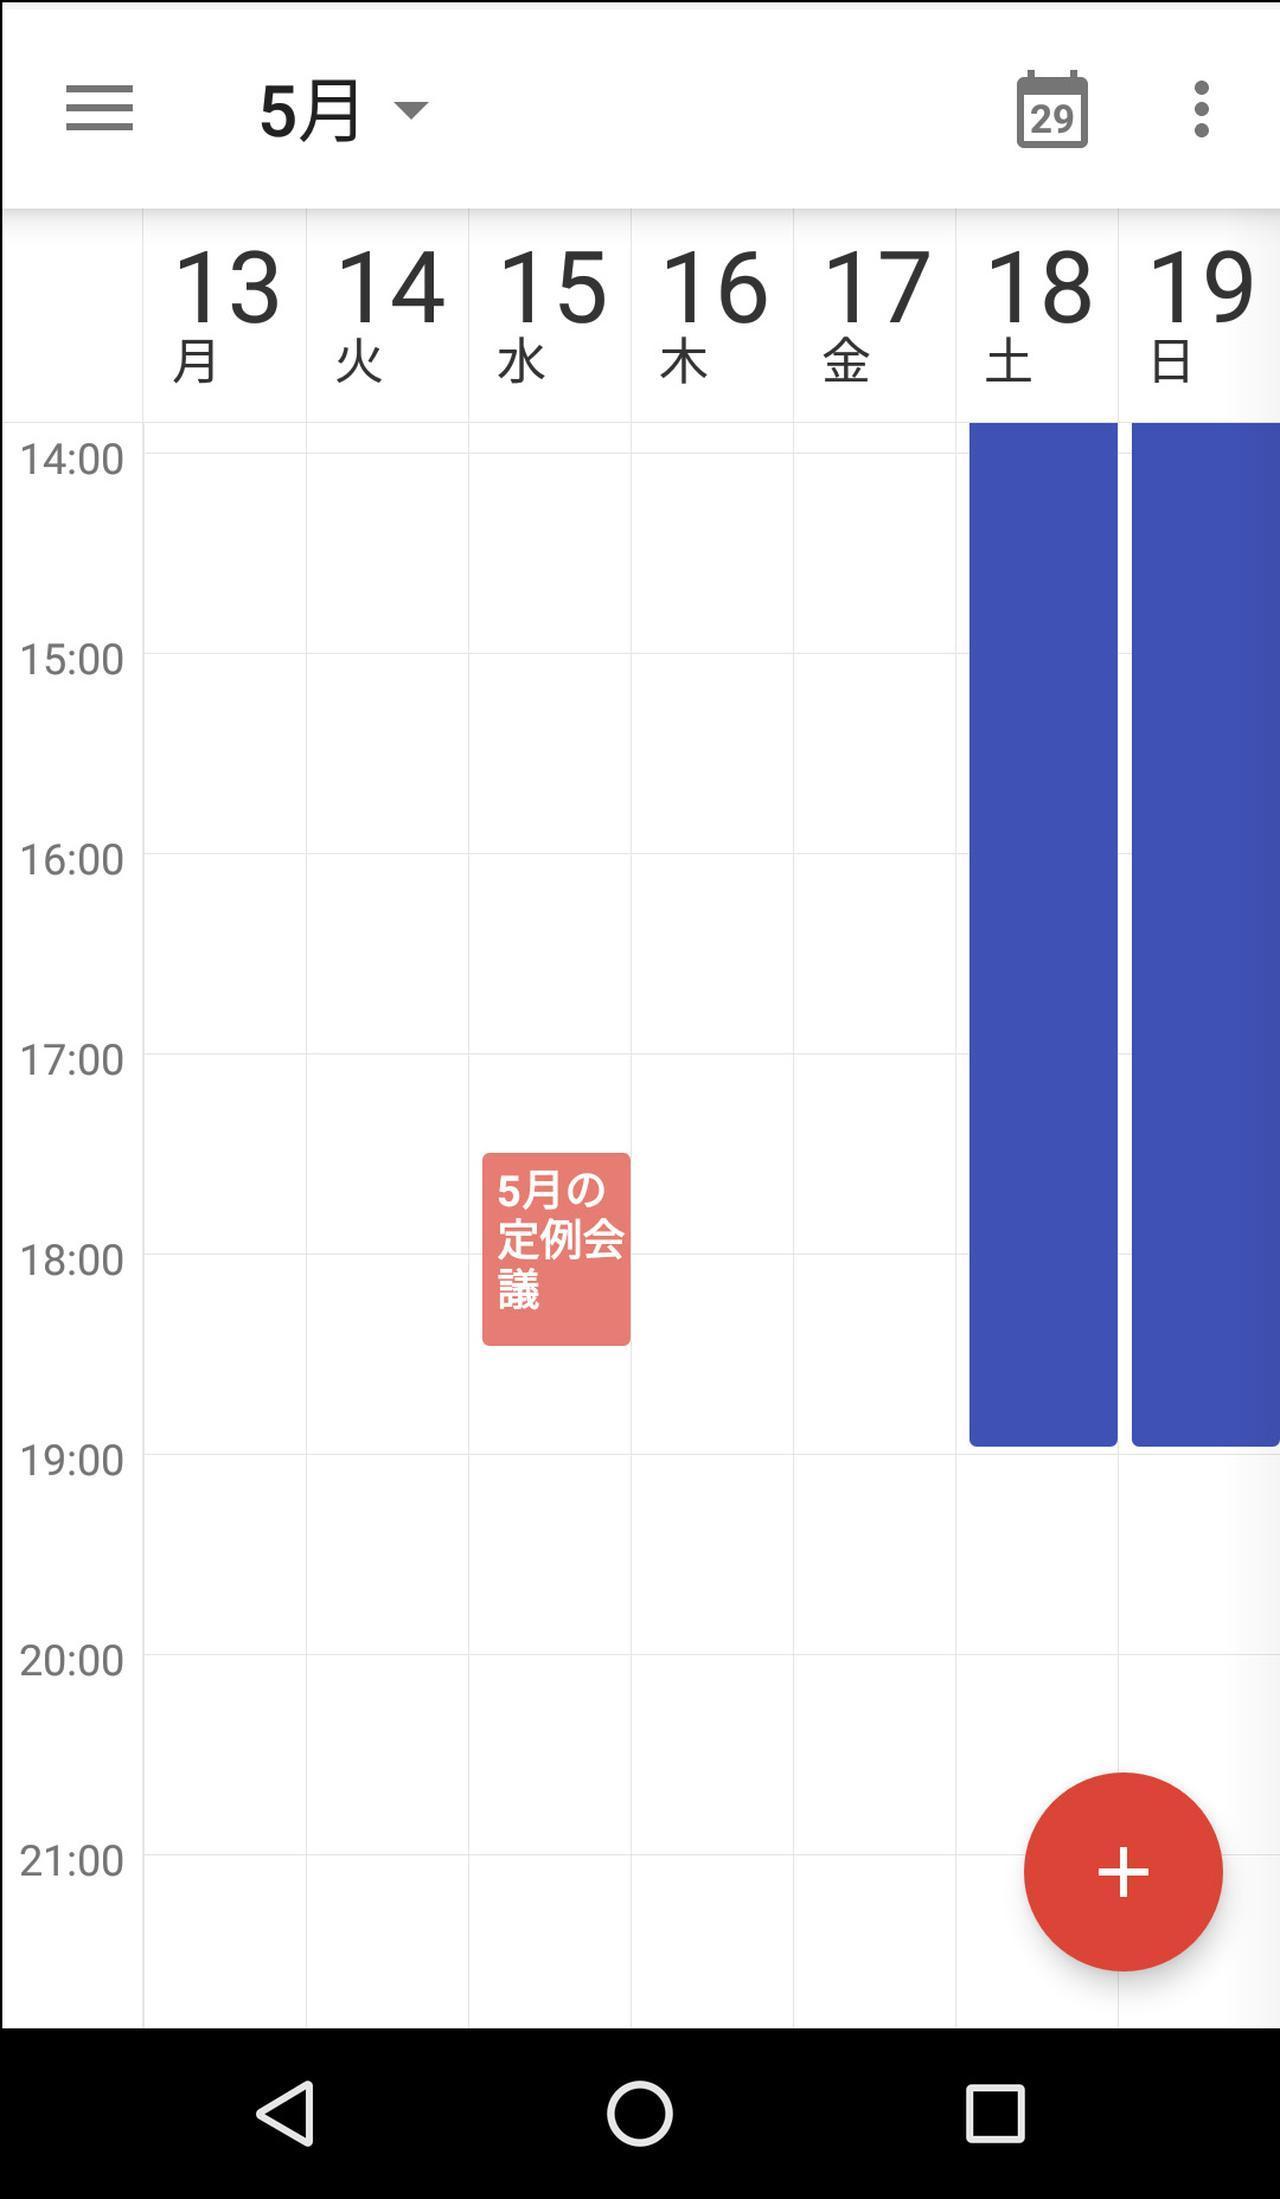 画像: こちらは、AndroidスマホのGoogleカレンダーアプリで見たところ。同じ予定が登録されている。